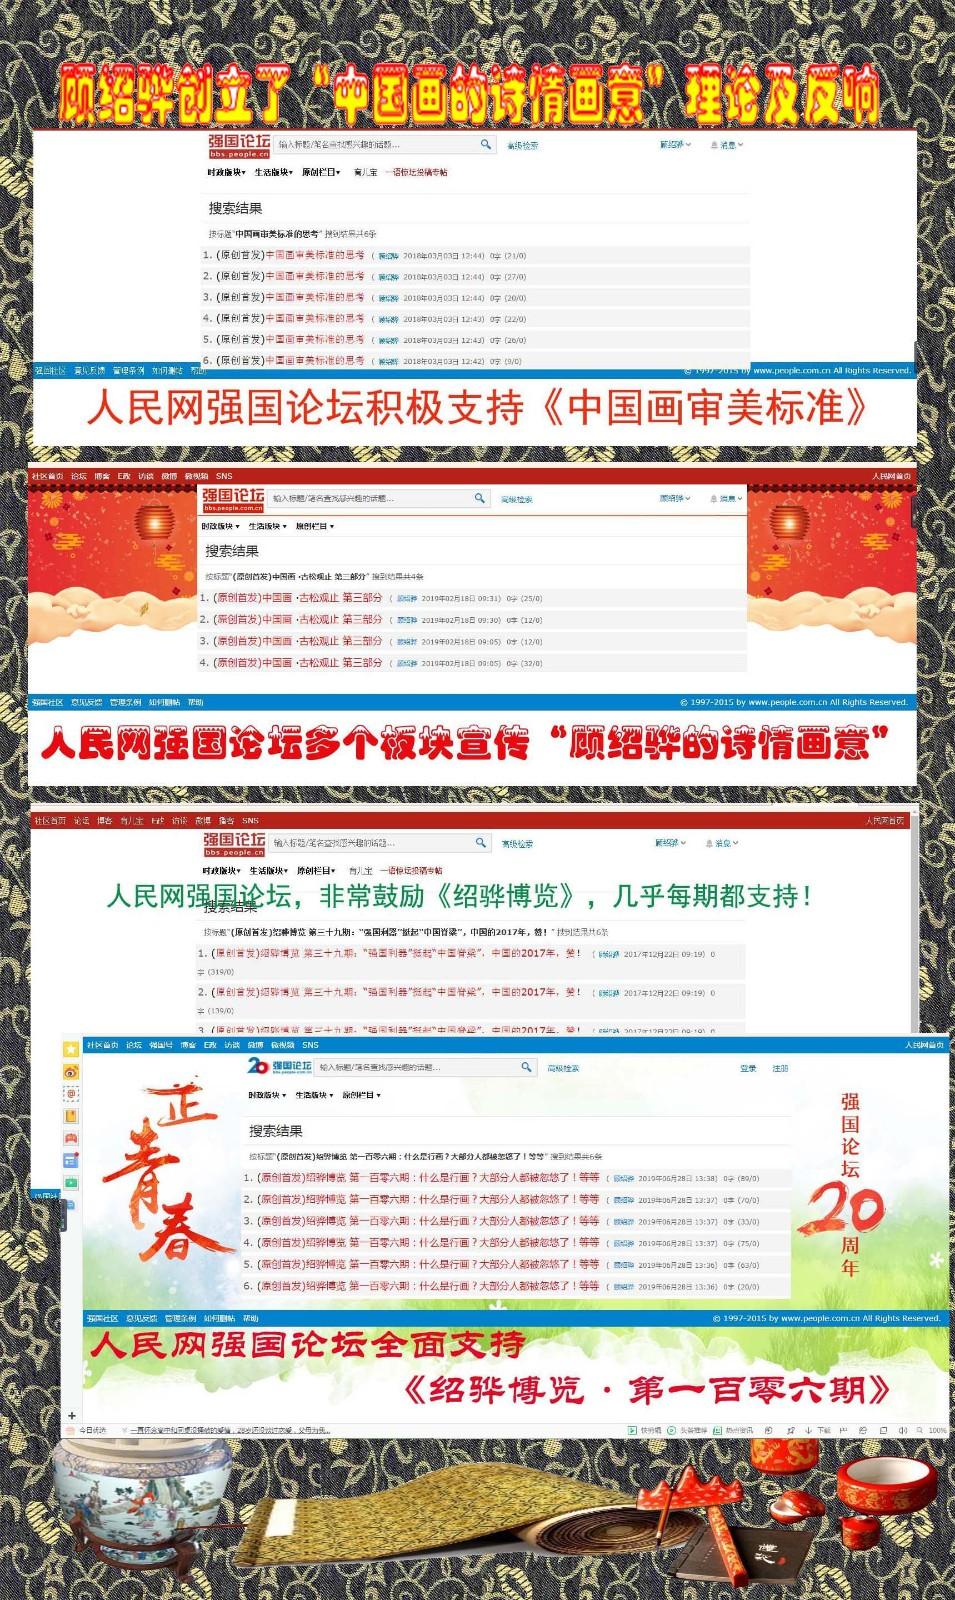 顾绍骅在中国画方面作出的一点贡献_图1-6